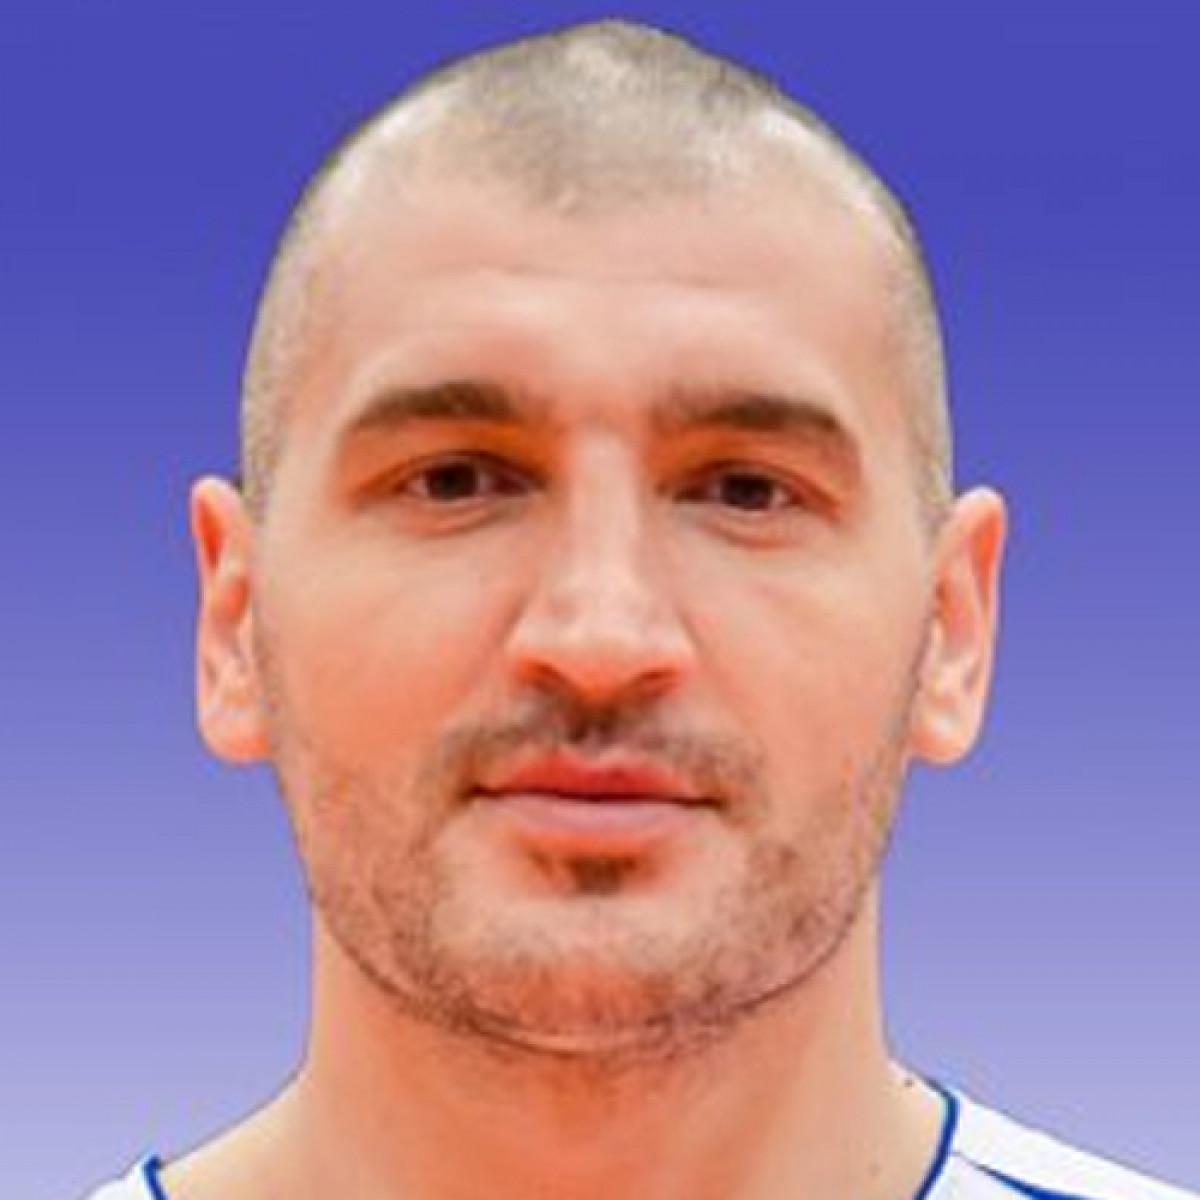 Ermin Jazvin